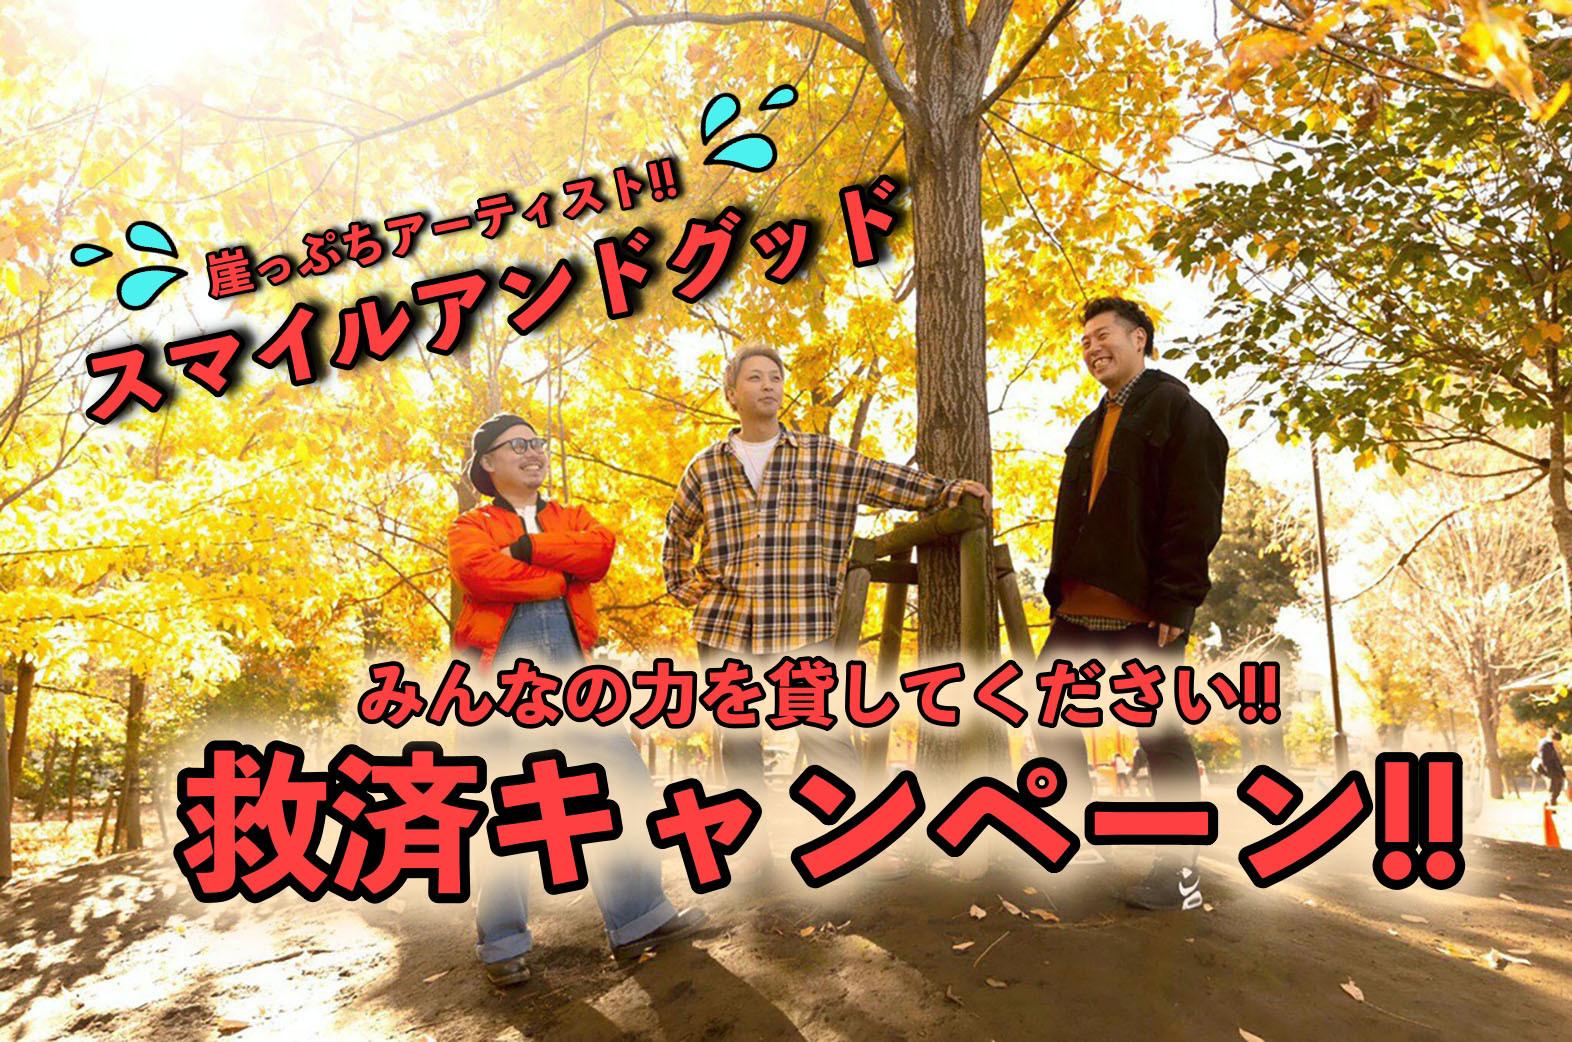 【スマイルアンドグッド】所属後初の流通盤「スマグギフト」を拡散キャンペーン!!サポーター大募集!